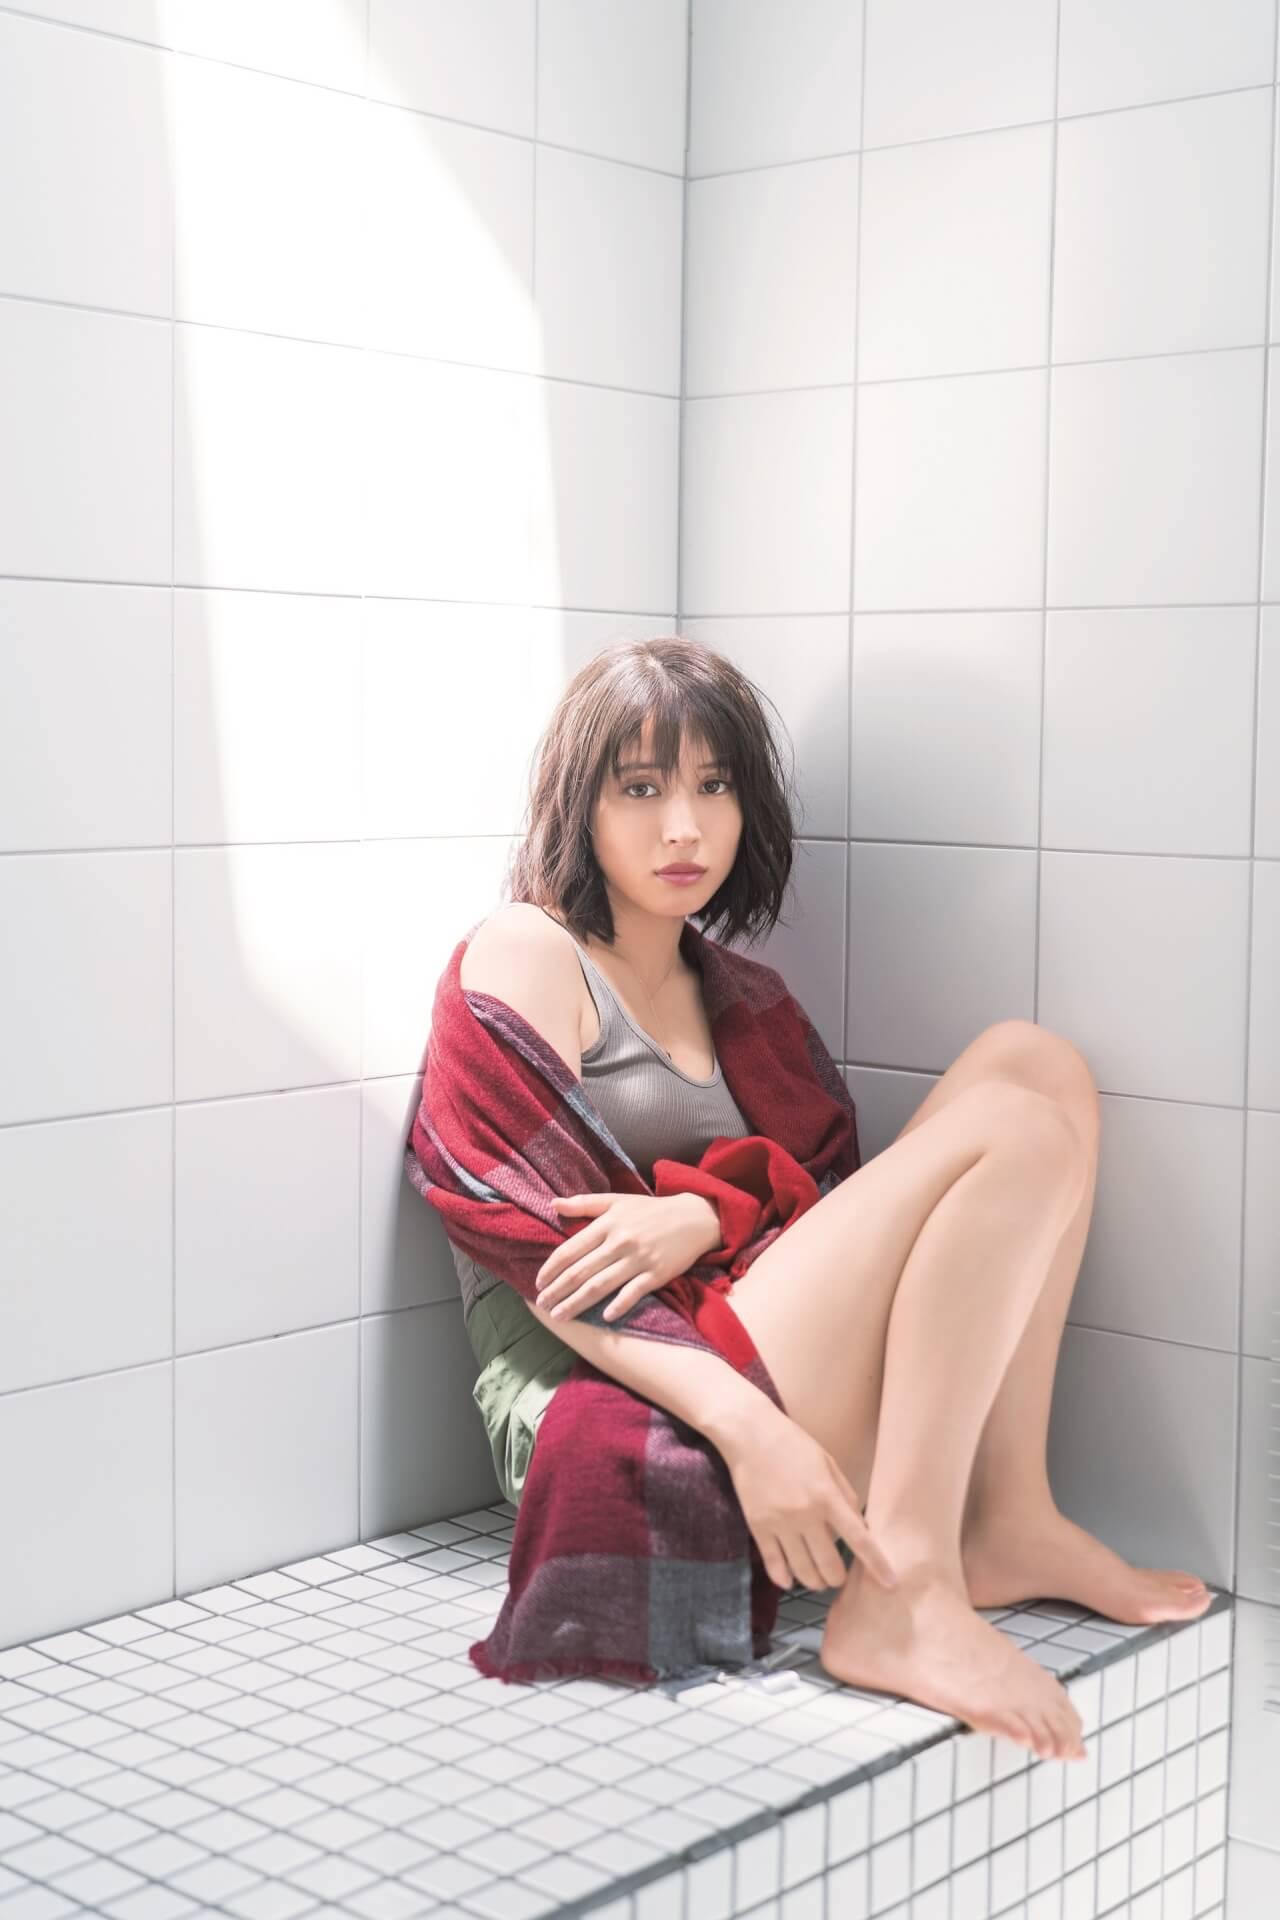 広瀬アリスがセクシーさも感じられるカットを公開!2020年カレンダー発売イベントで「全部屋に飾ってほしい」 art191111_hirosealice_1